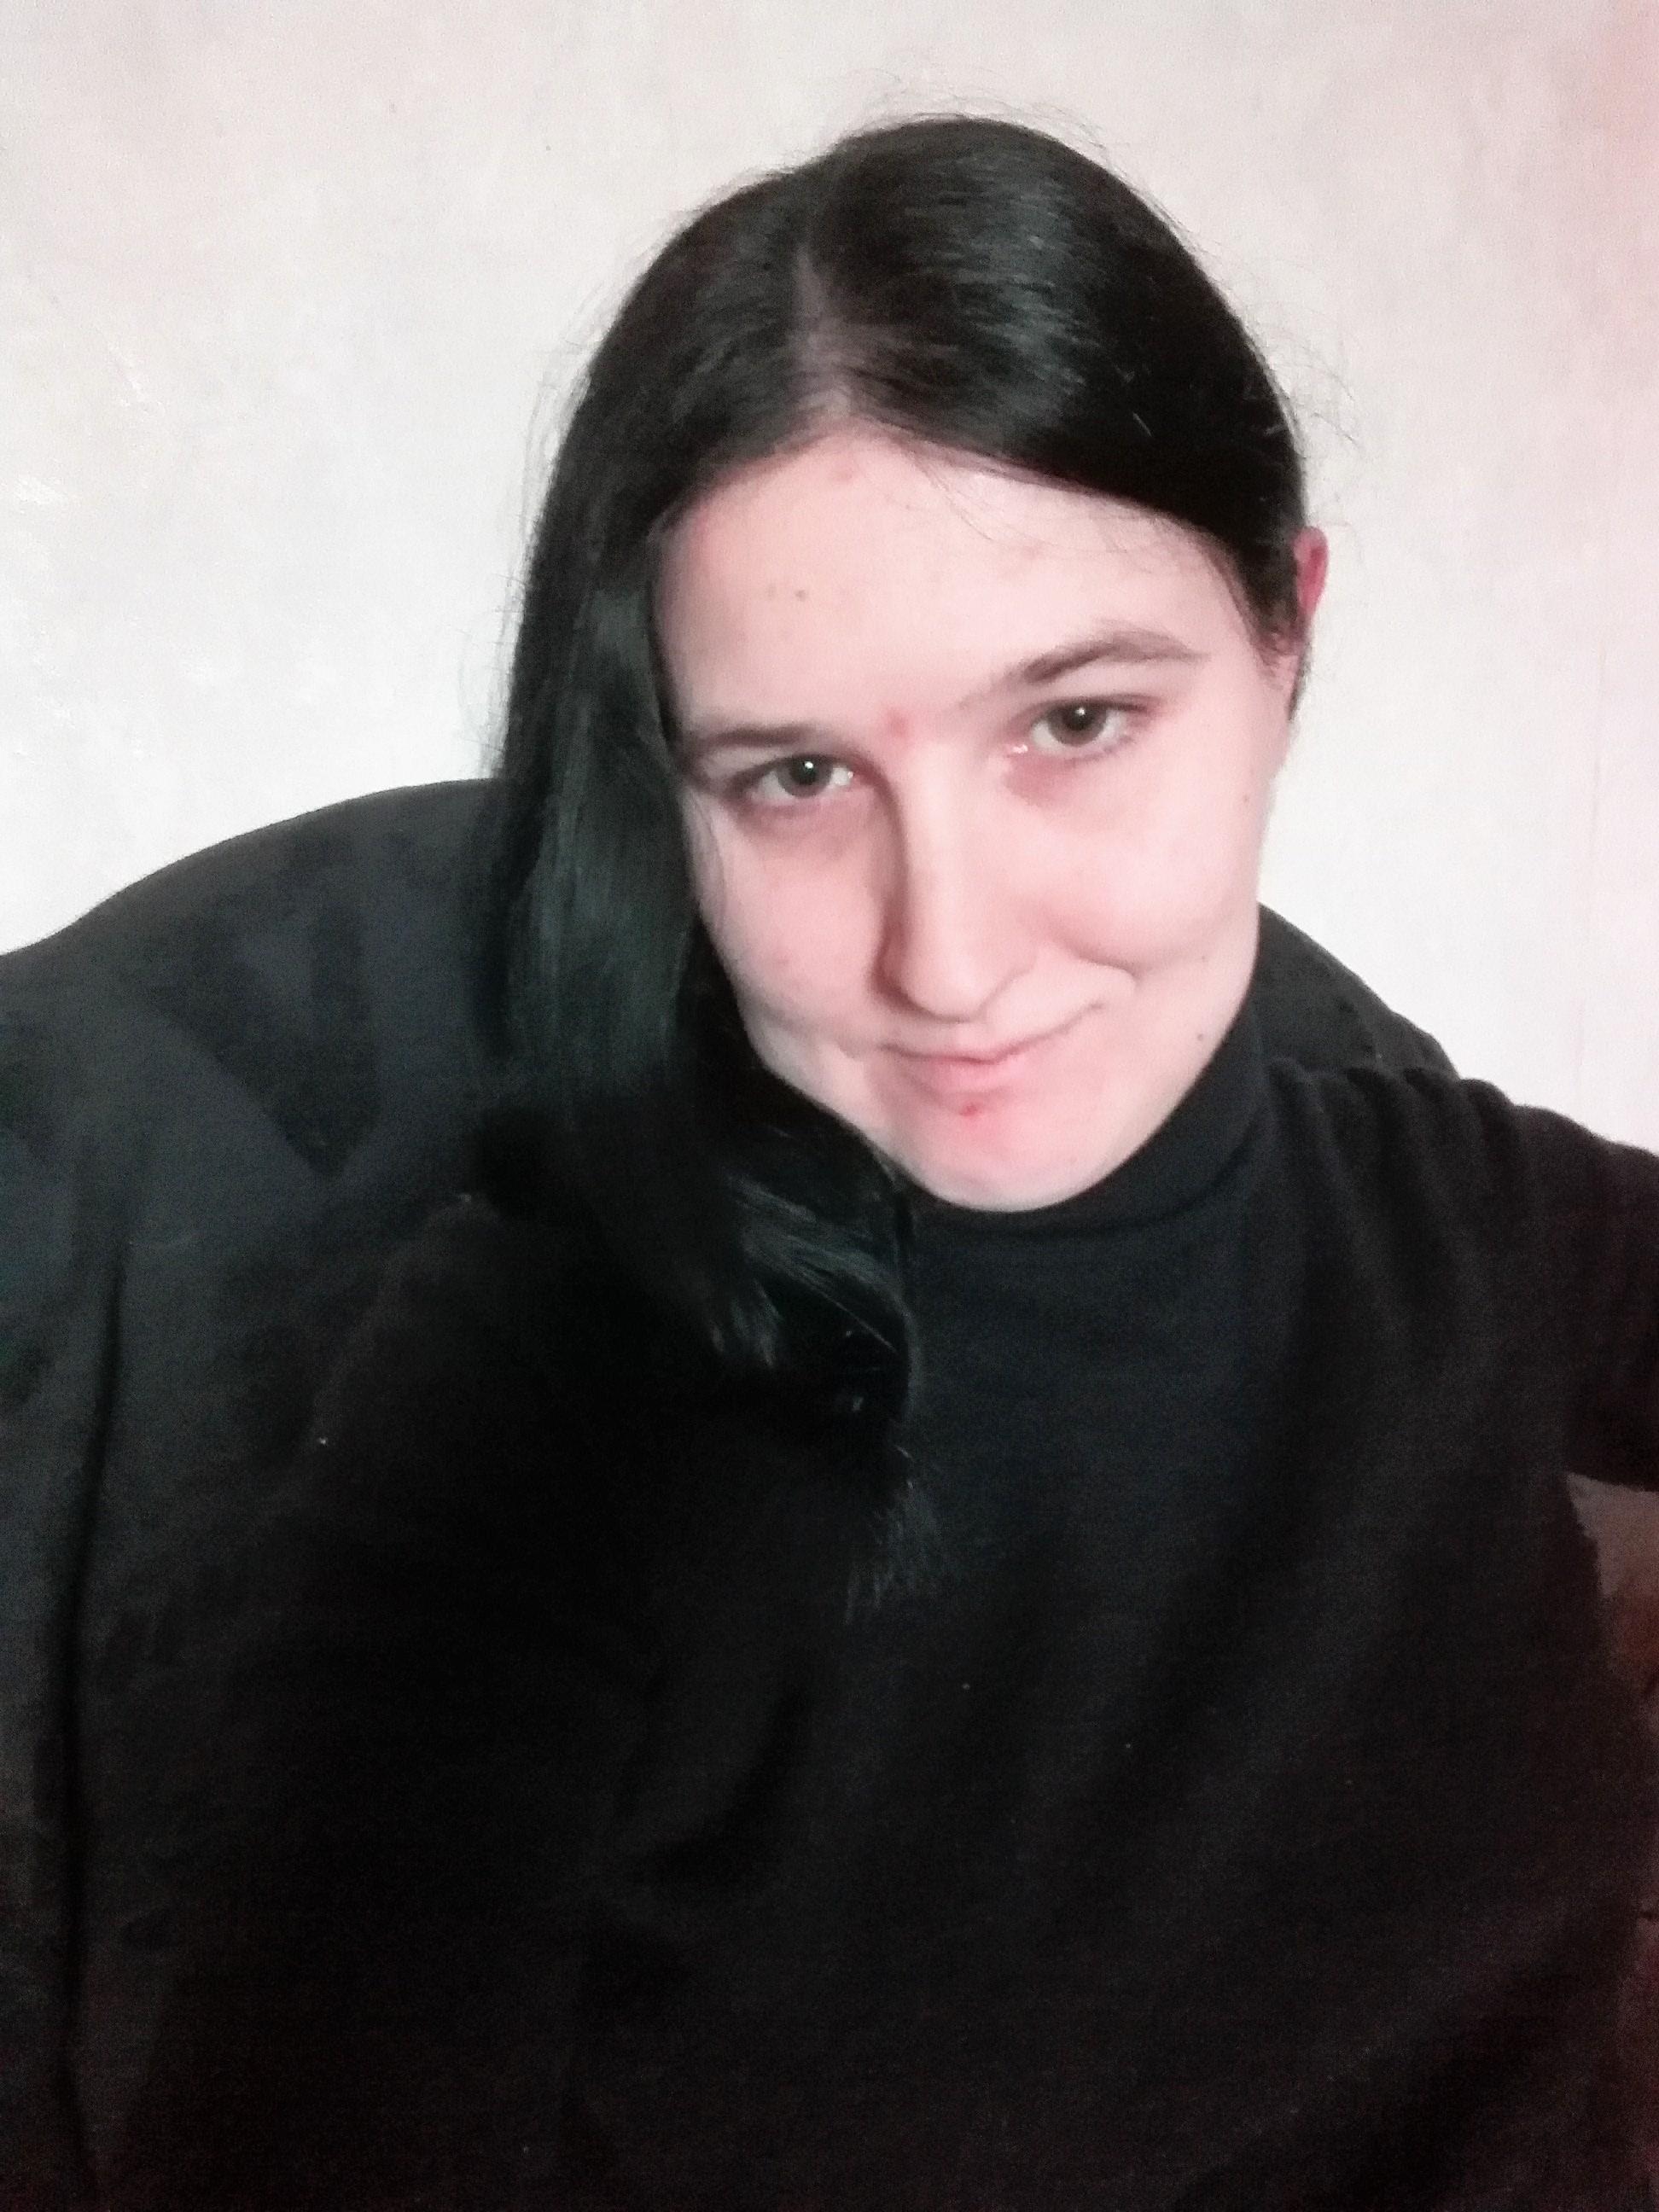 Natalia Julia Nowak, njnowak, NJN, njn1991njn, 1991njn1991